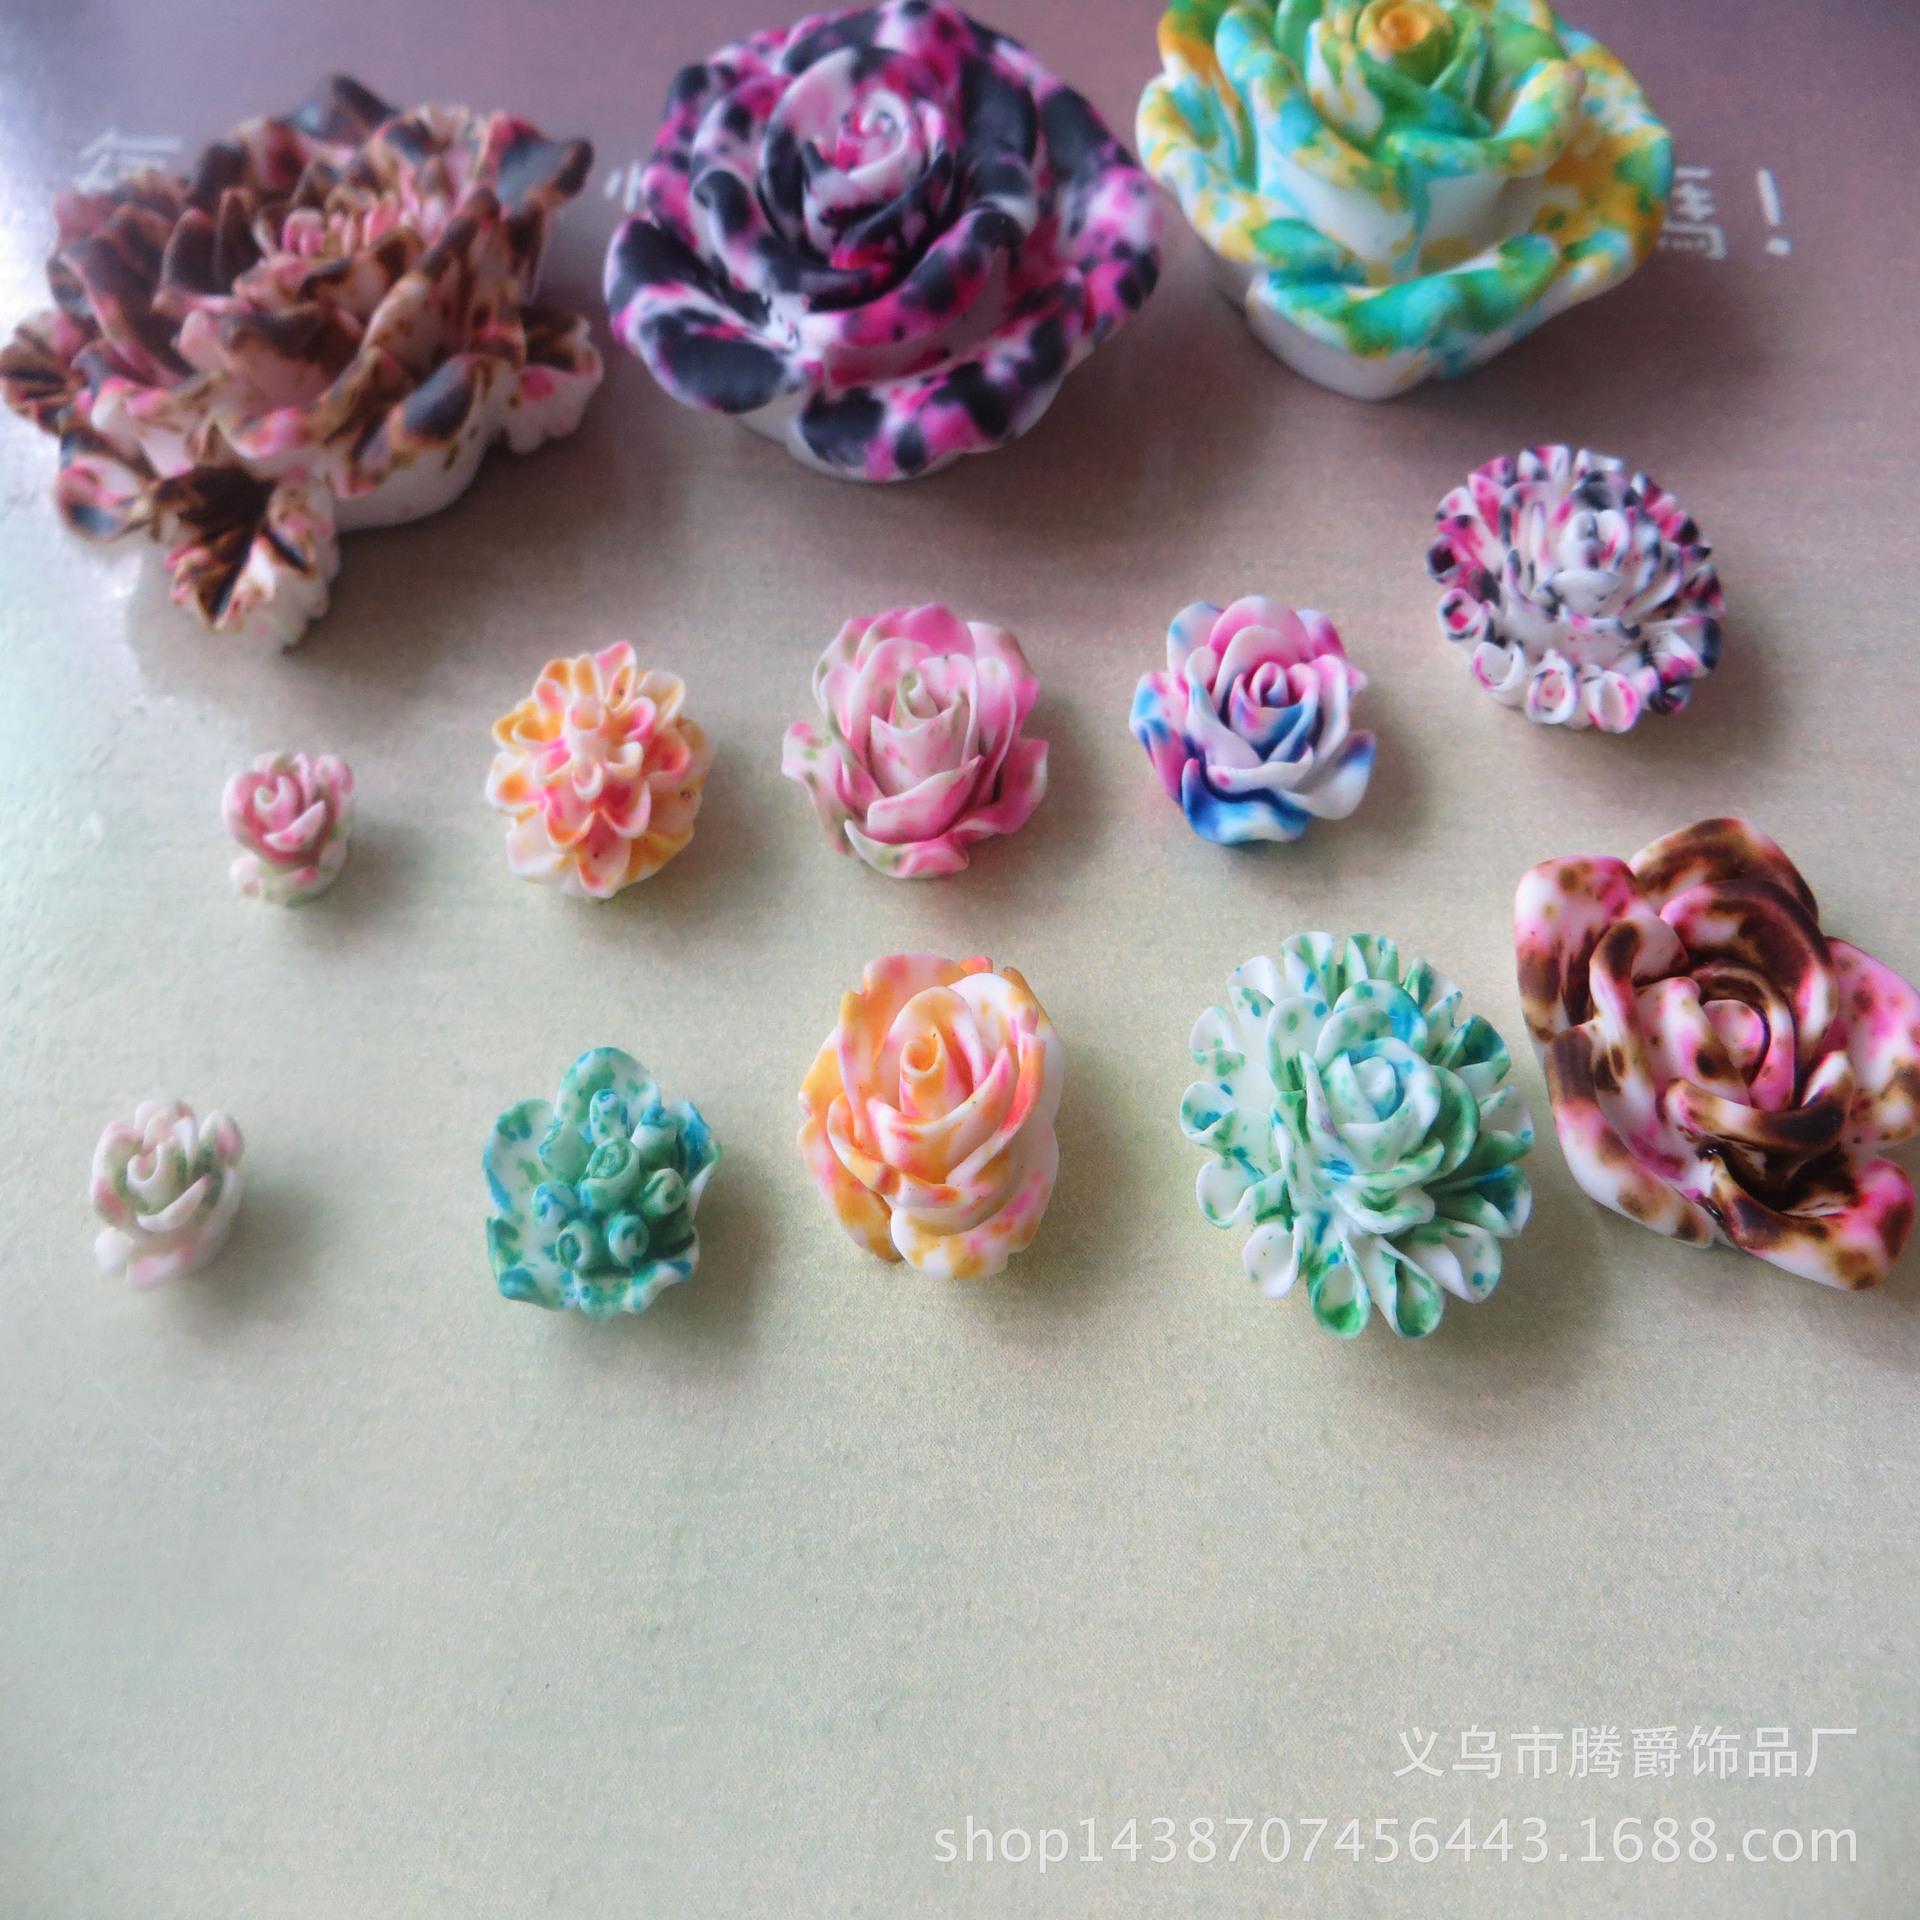 厂家直销 diy精美树脂配件 树脂花 多款式玫瑰花批发 可来样定做